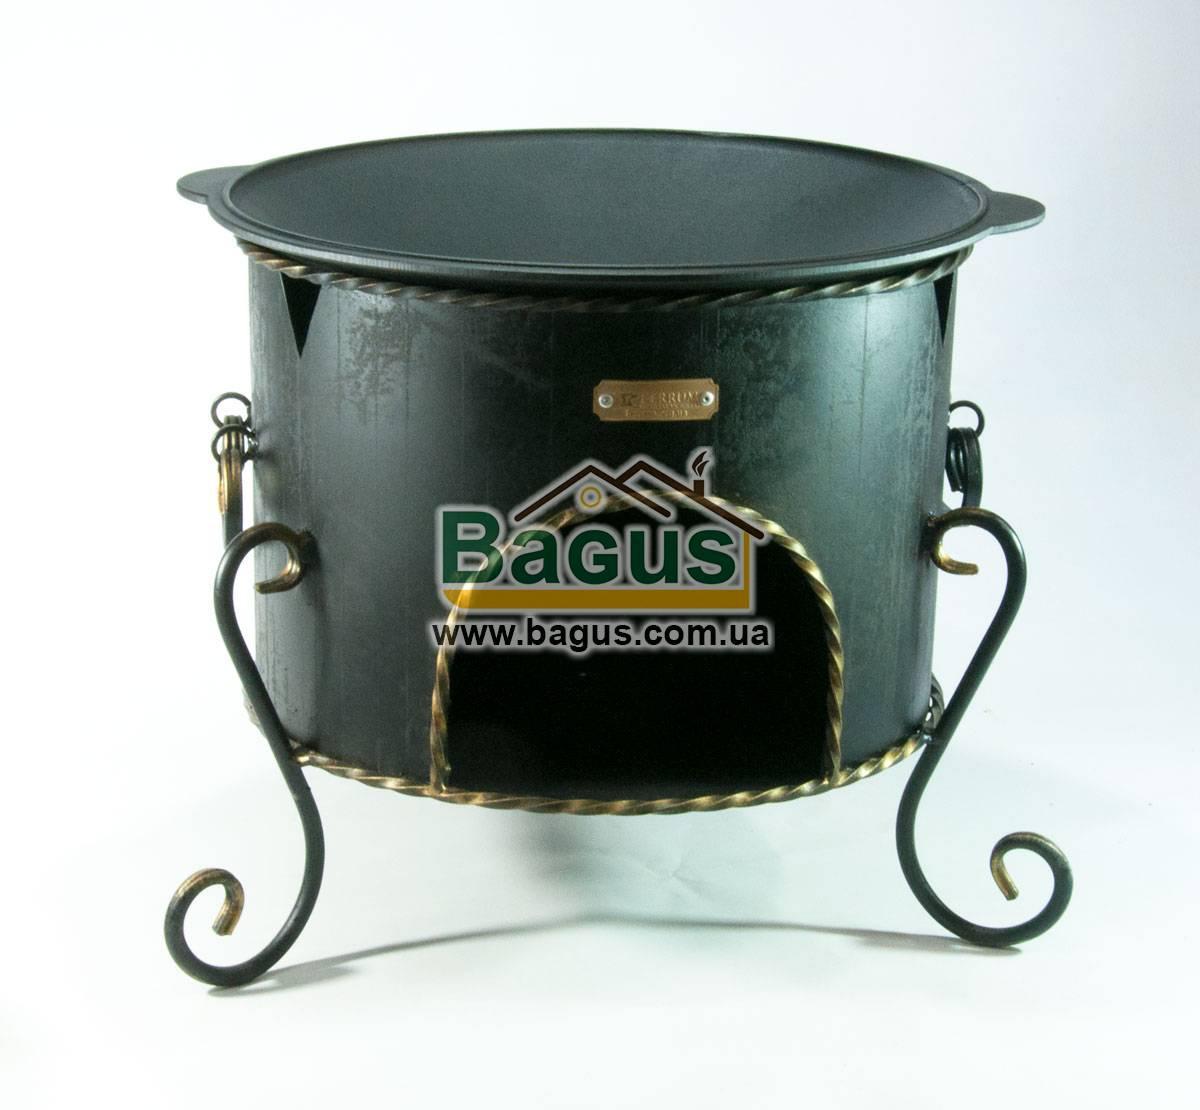 Сковородка садж чугунная 40см с печью ЭКОЛИТ 4010КС-1